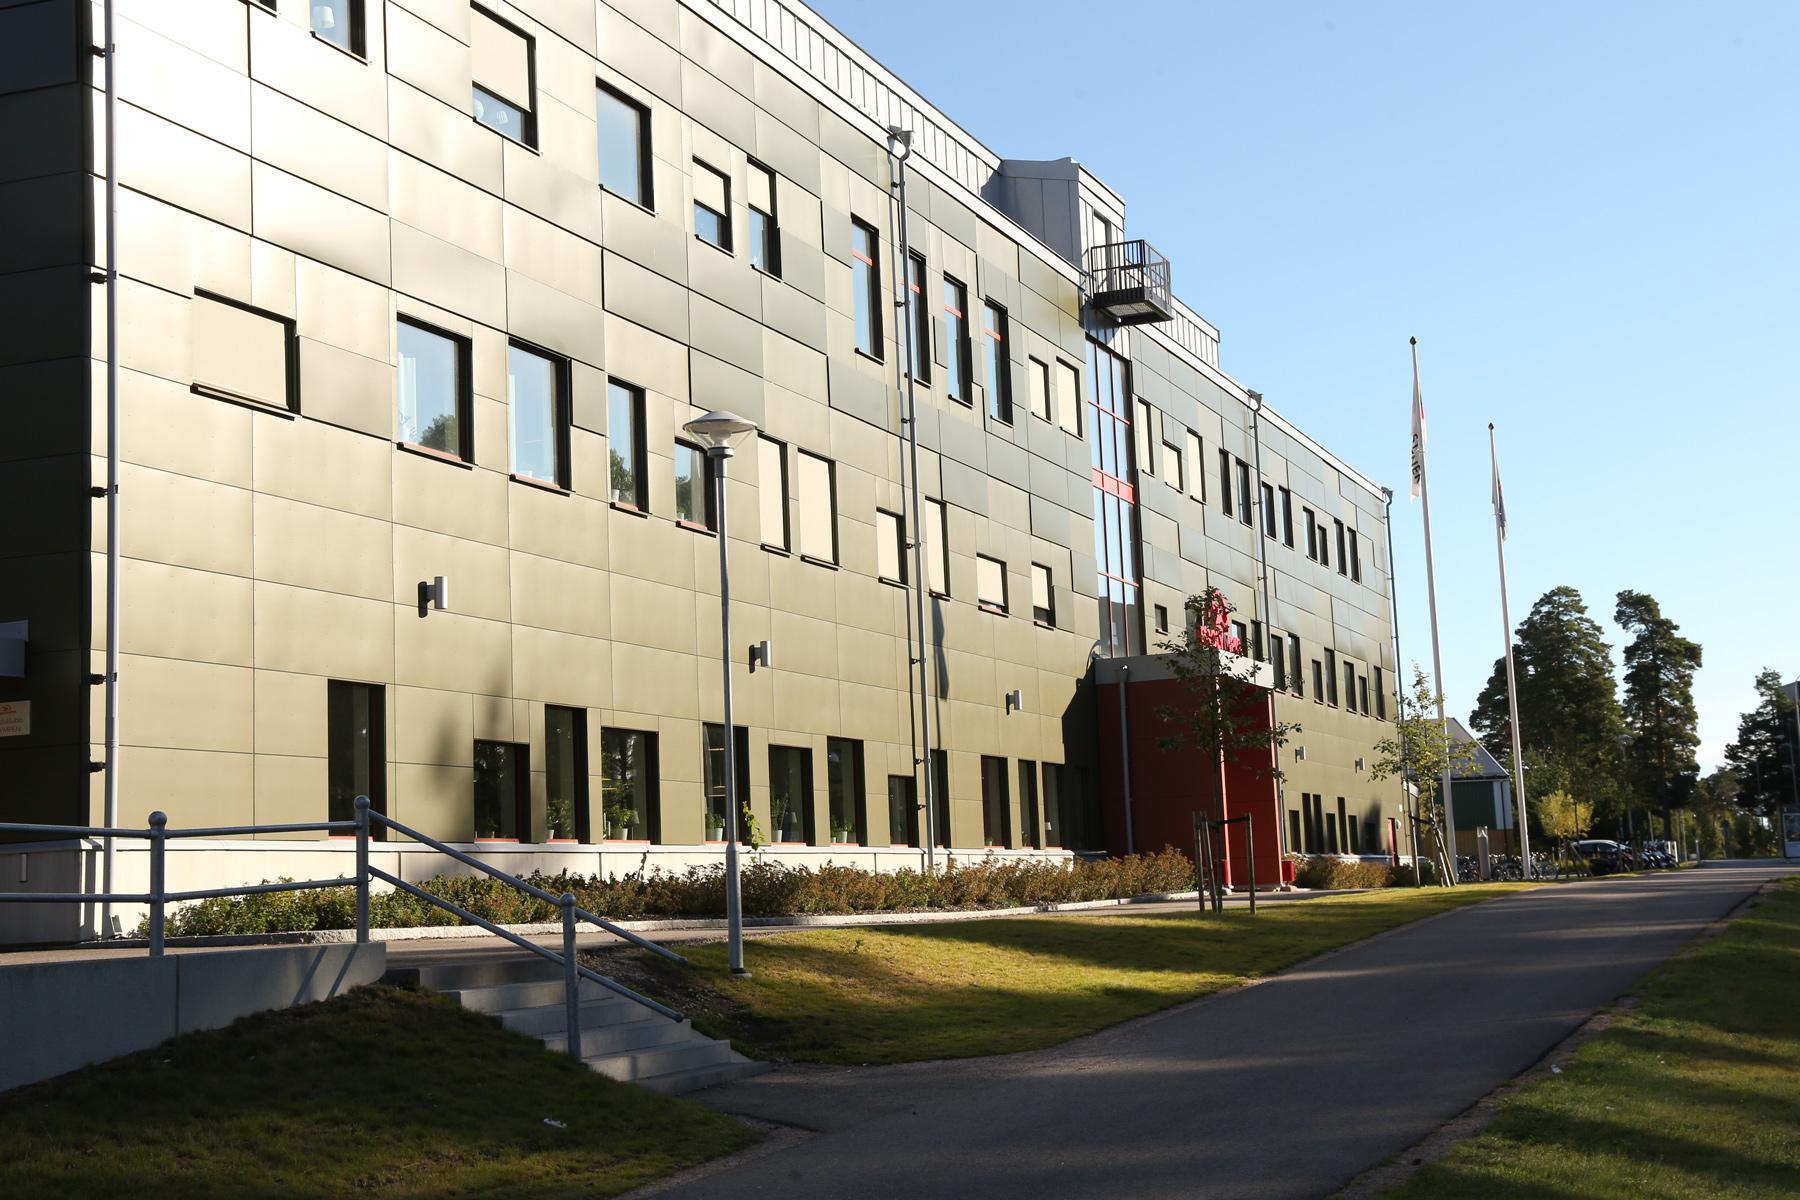 Prolympia Gävles skolbyggnad